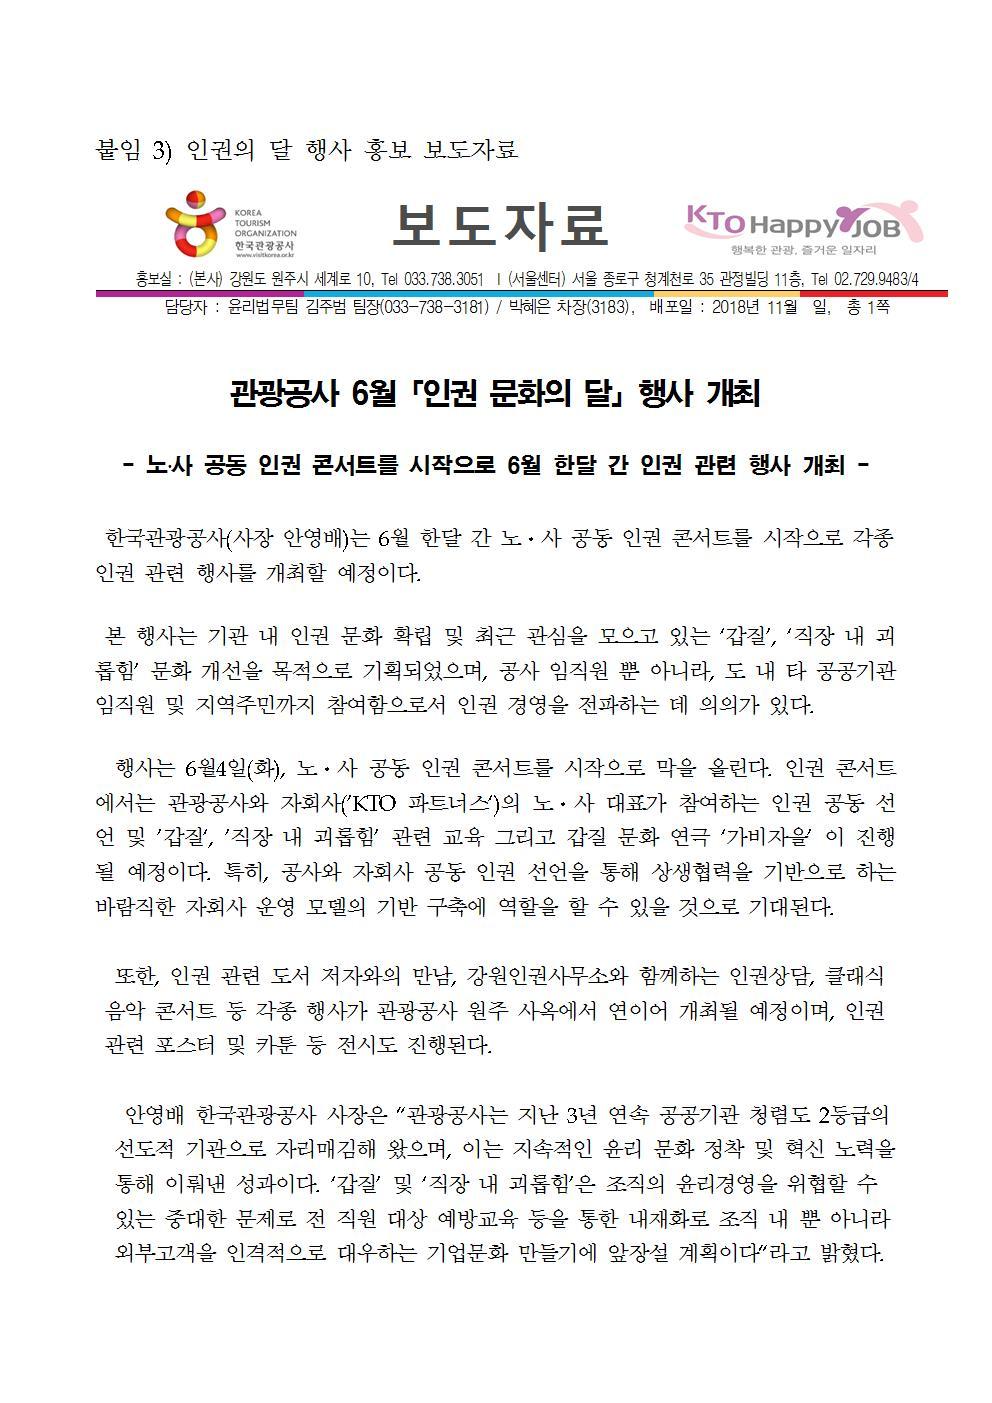 관광공사 6월「인권 문화의 달」행사 개최